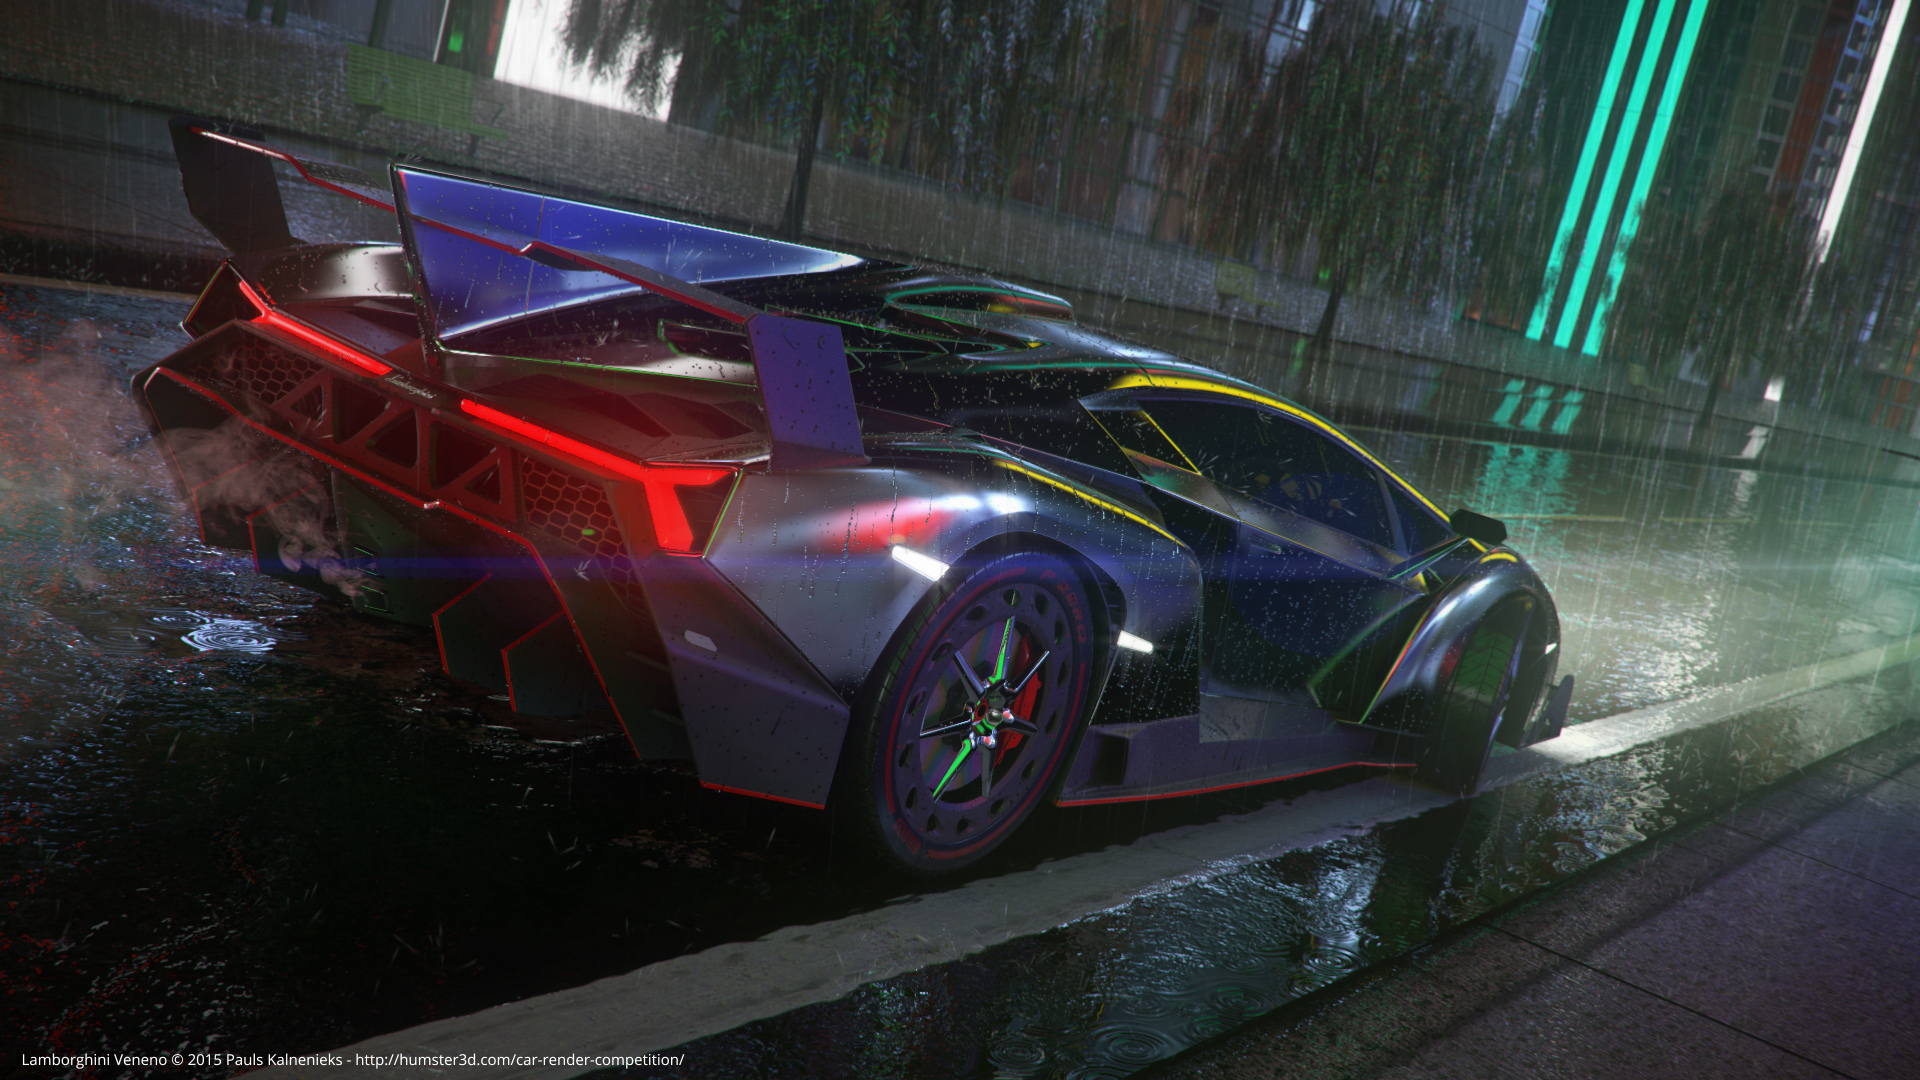 Lamborghini Veneno 3d art